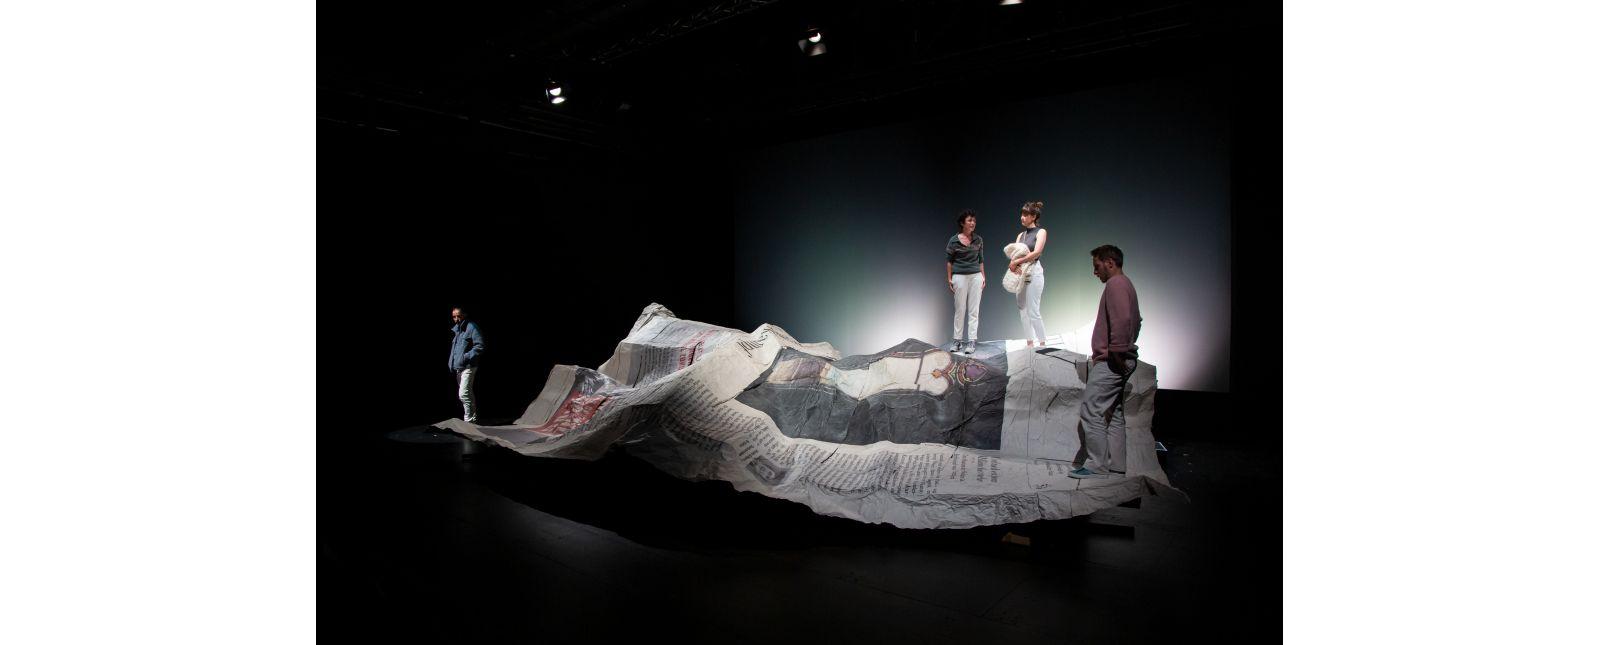 NUR DAS BESTE // Henry Meyer / Elisabeth Kopp / Iris Becher / Martin Hohner // 2020 // Laura Nickel